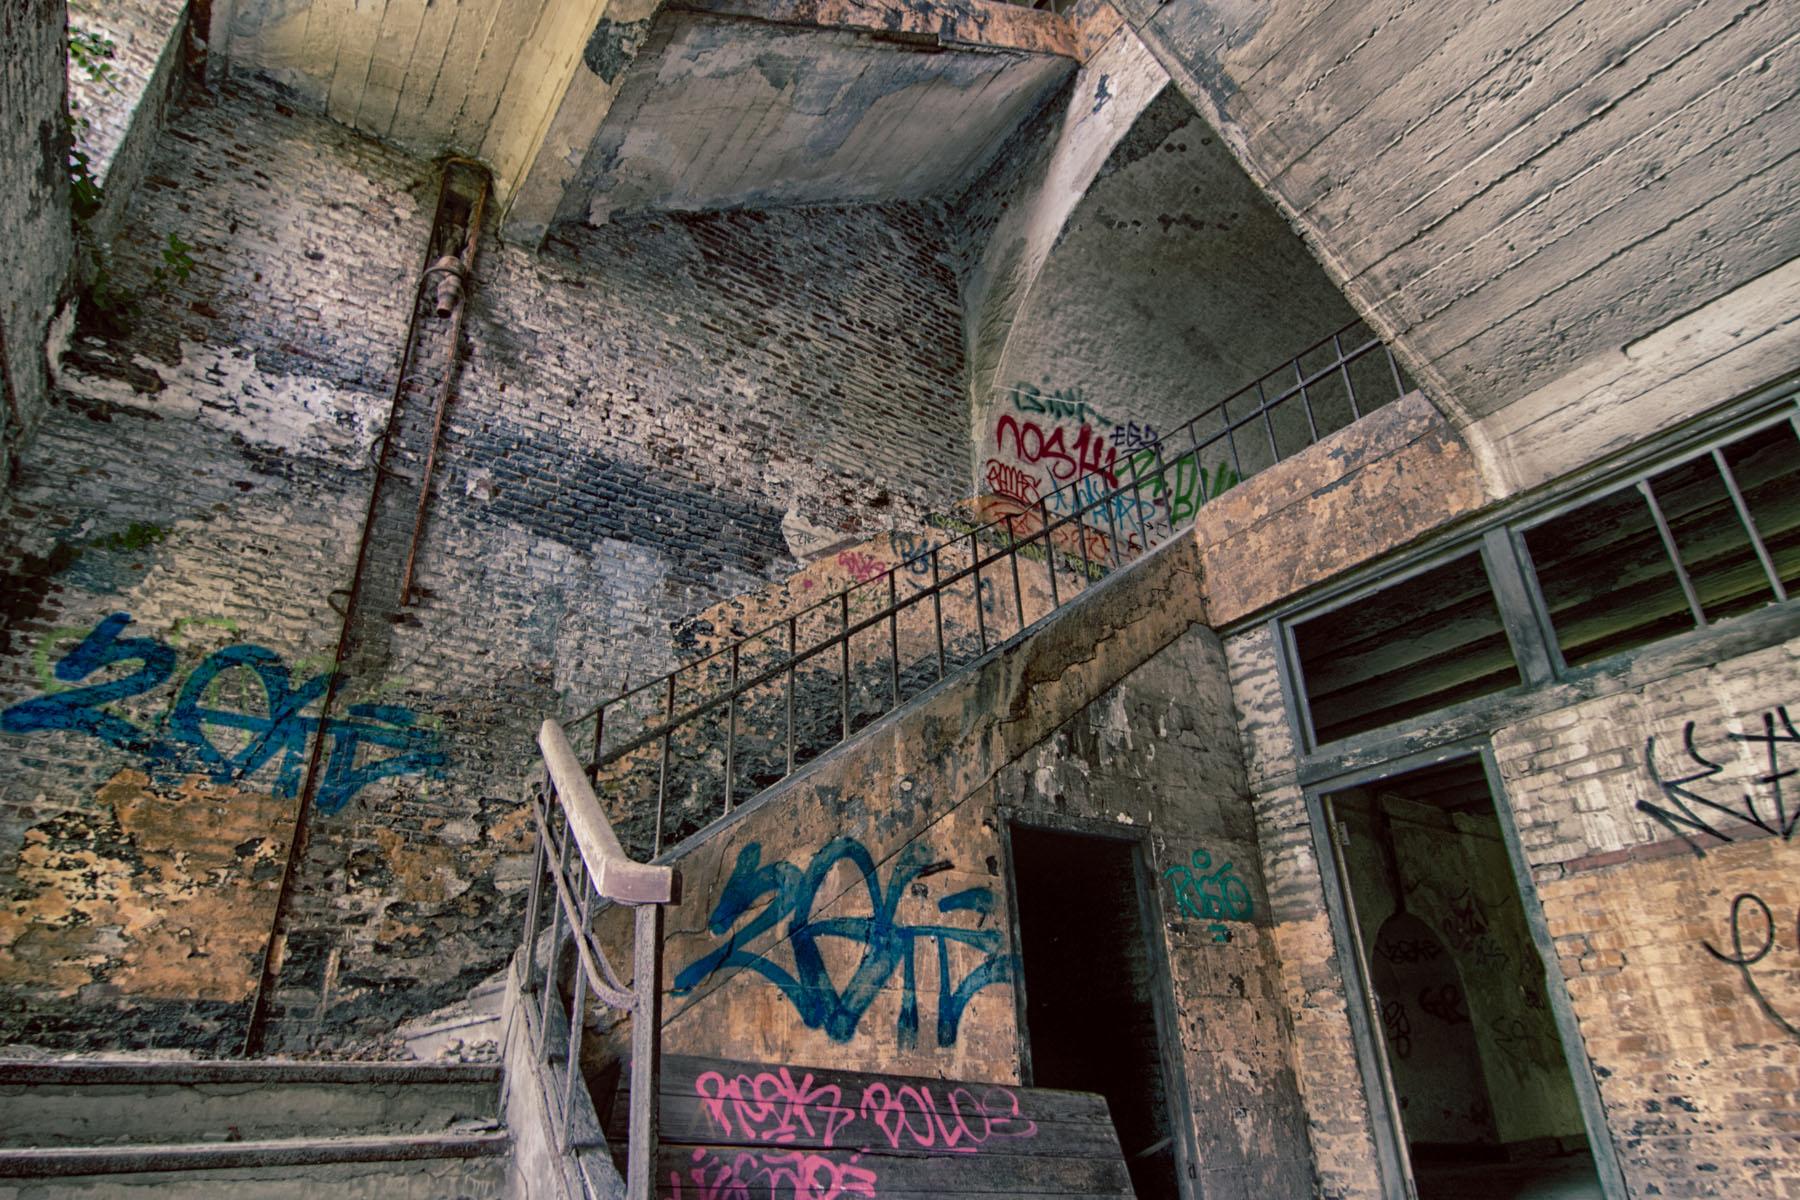 Urbex Fort Chartreuse Luik  Urban exploring locaties en